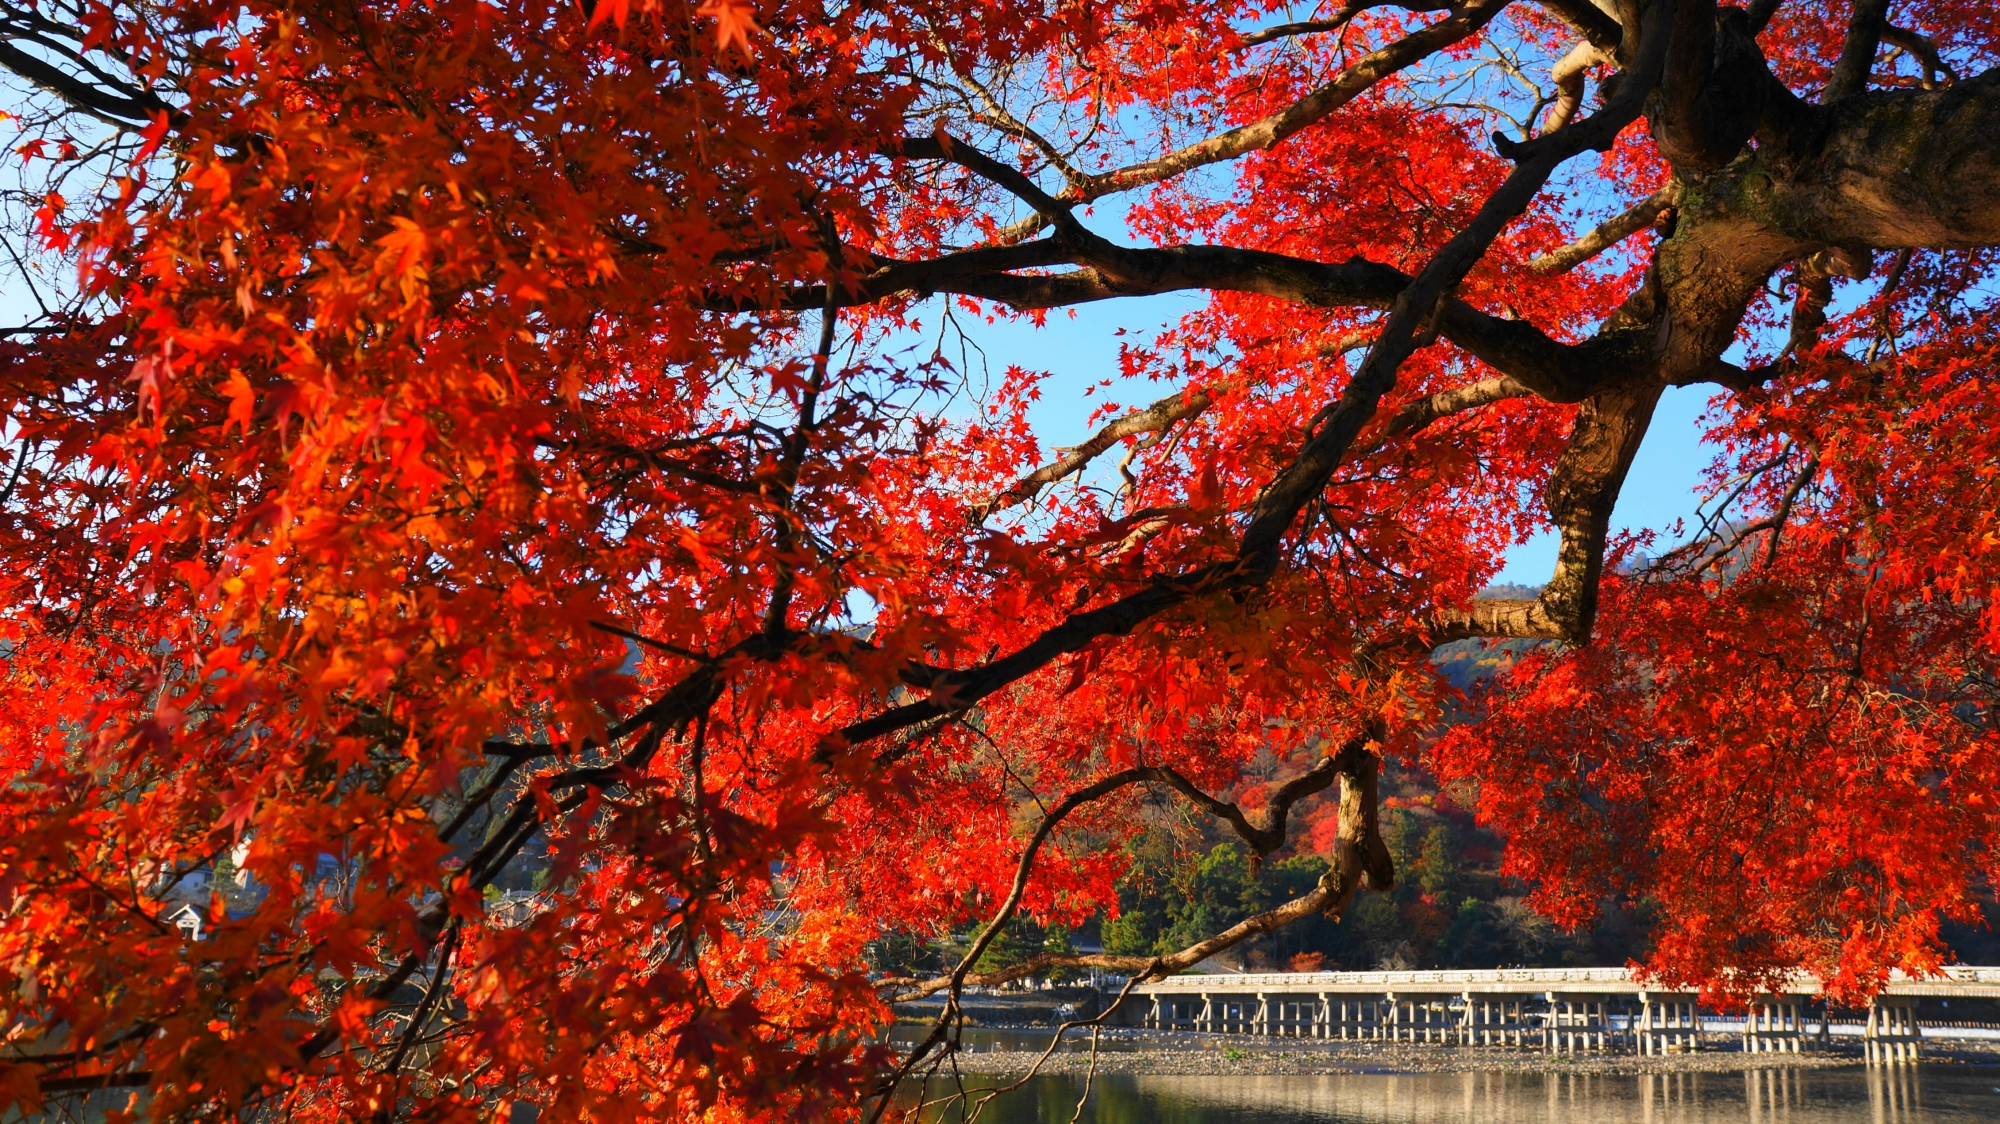 真っ赤に輝く紅葉に染まる渡月橋